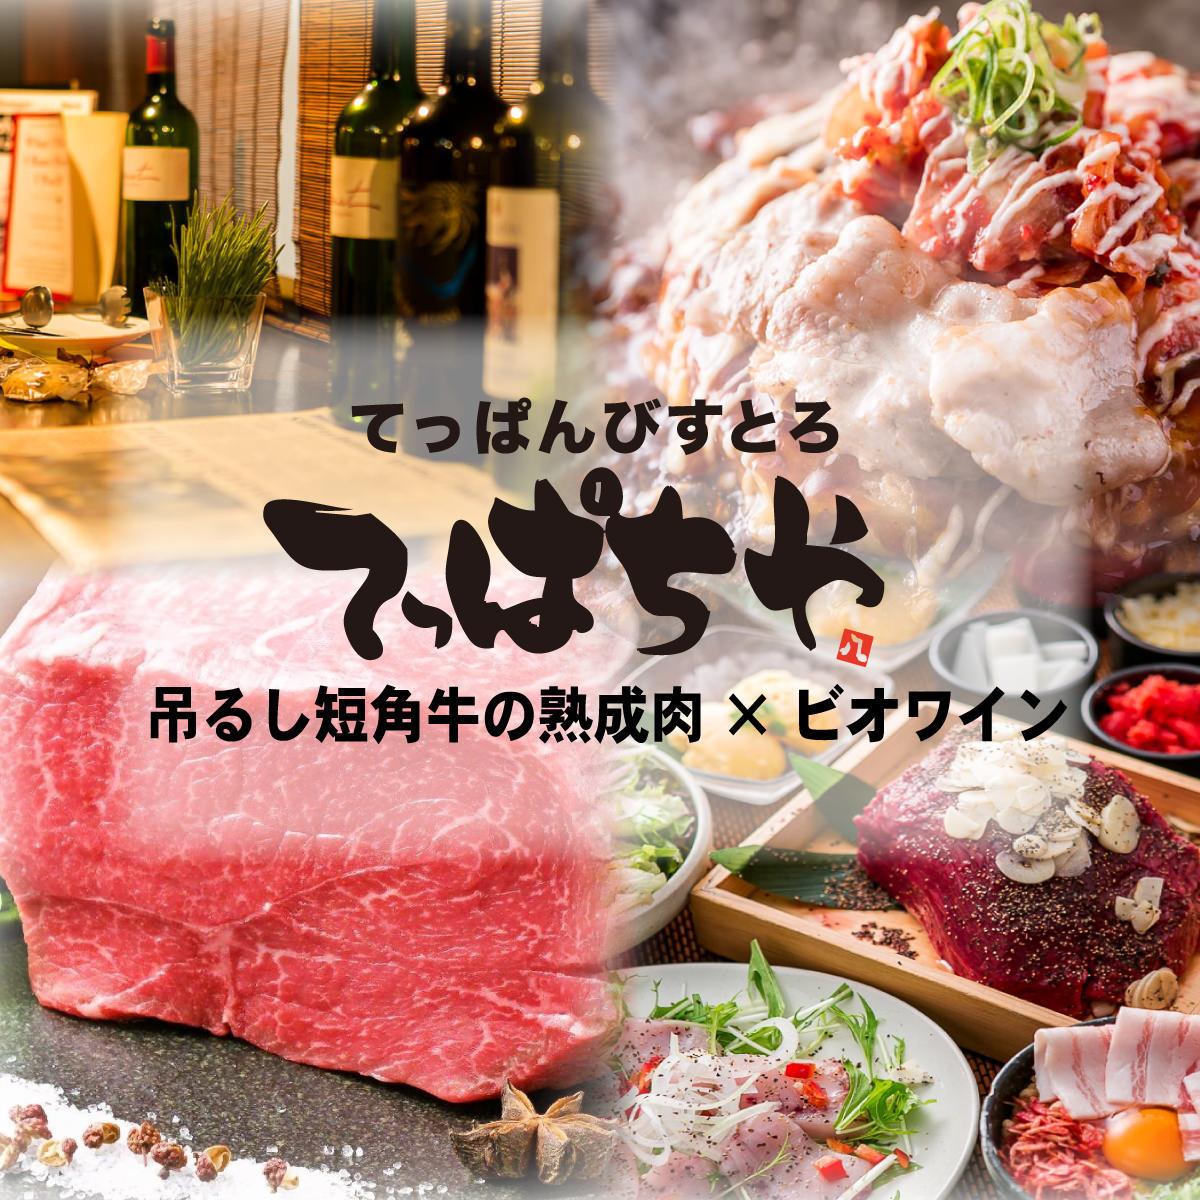 てっぱんびすとろ てっぱちや 新横浜店のイメージ写真